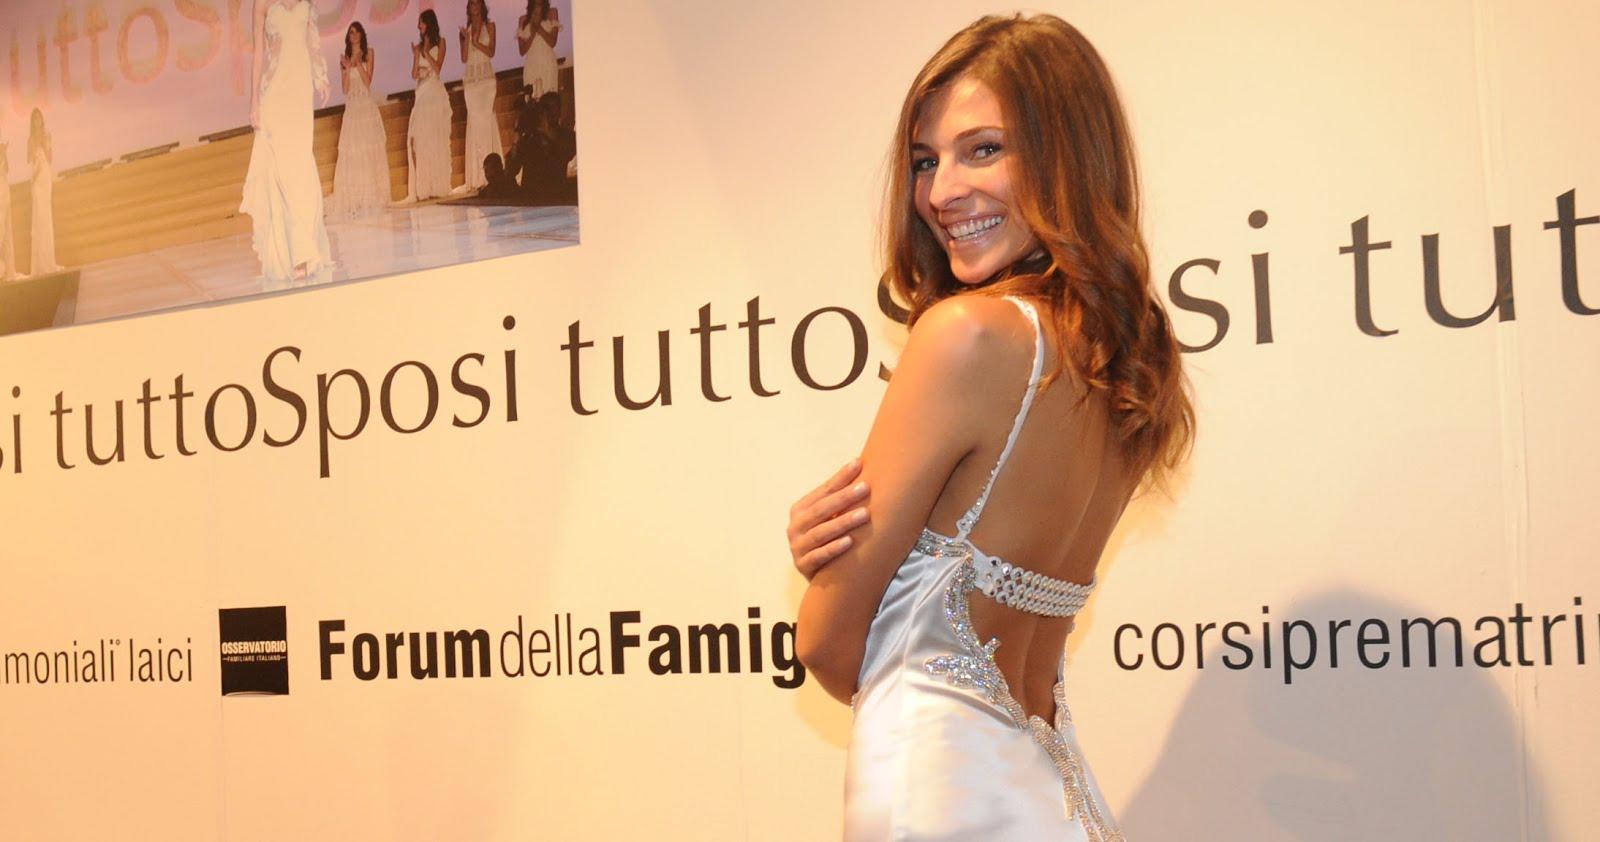 Applaudita a Tutto Sposi Cristina Chiabotto 8a39e3b0dfd